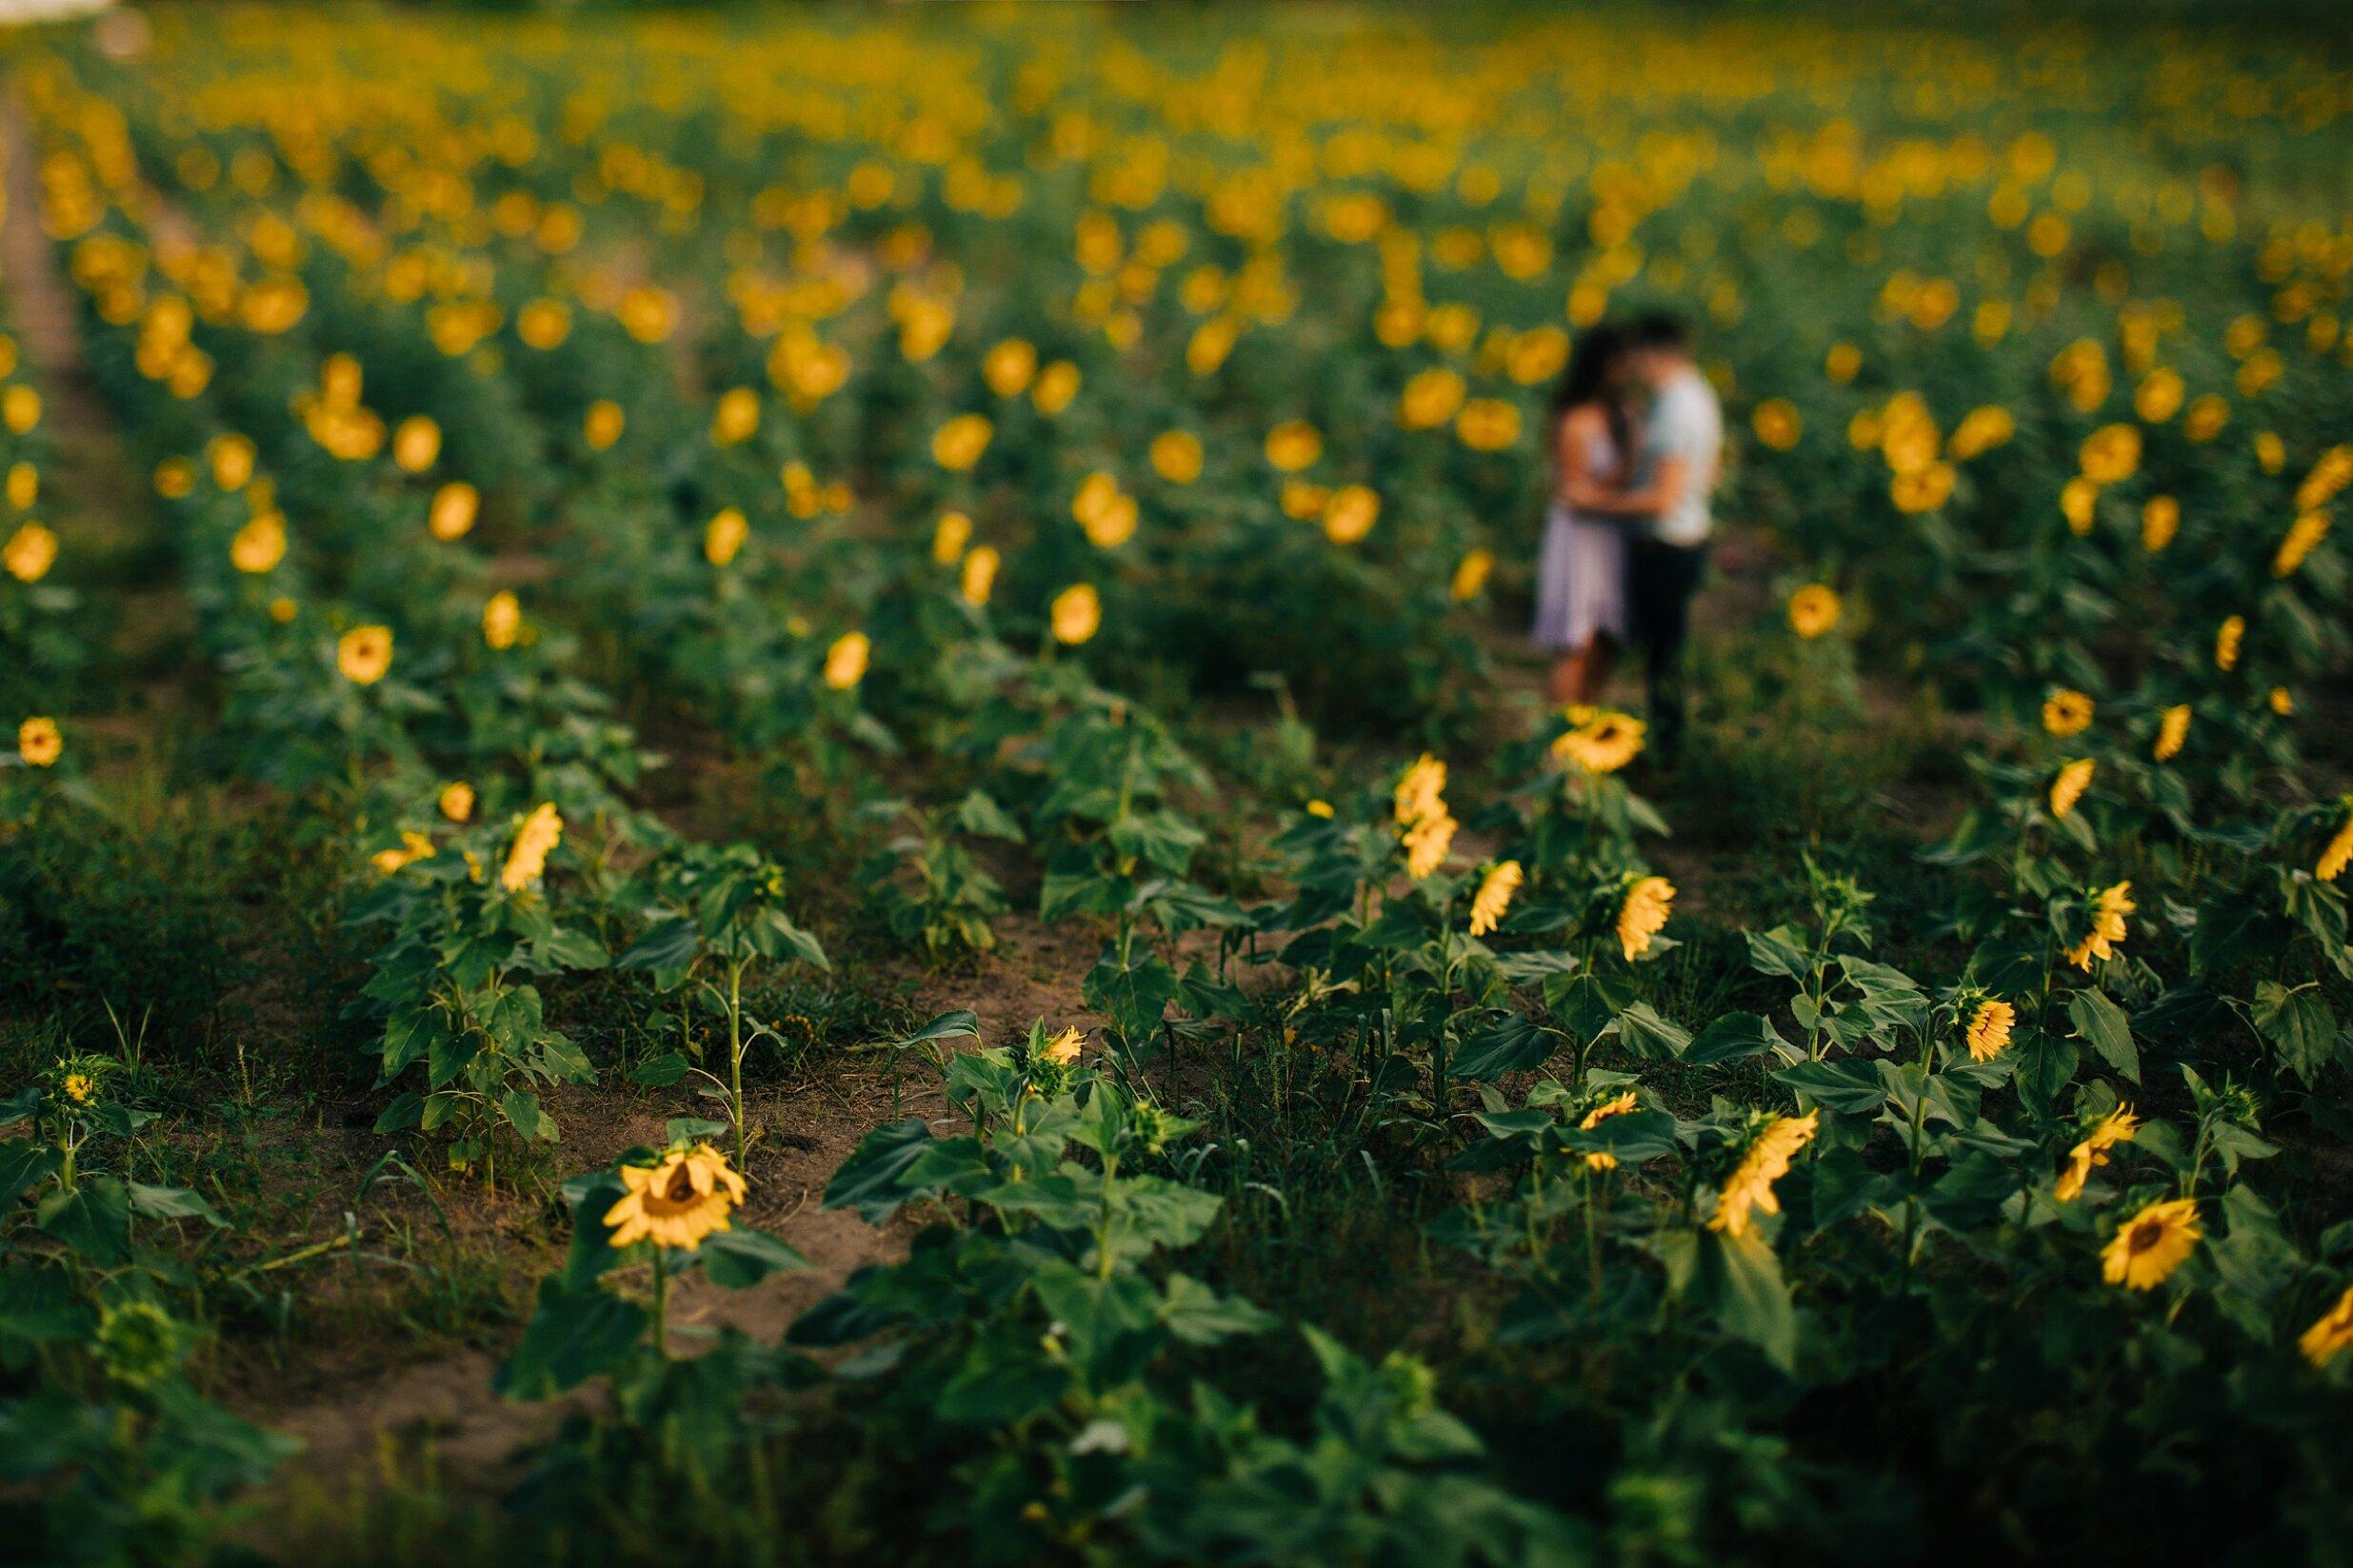 sunflower-field-engagement-session-nj_0007.jpg